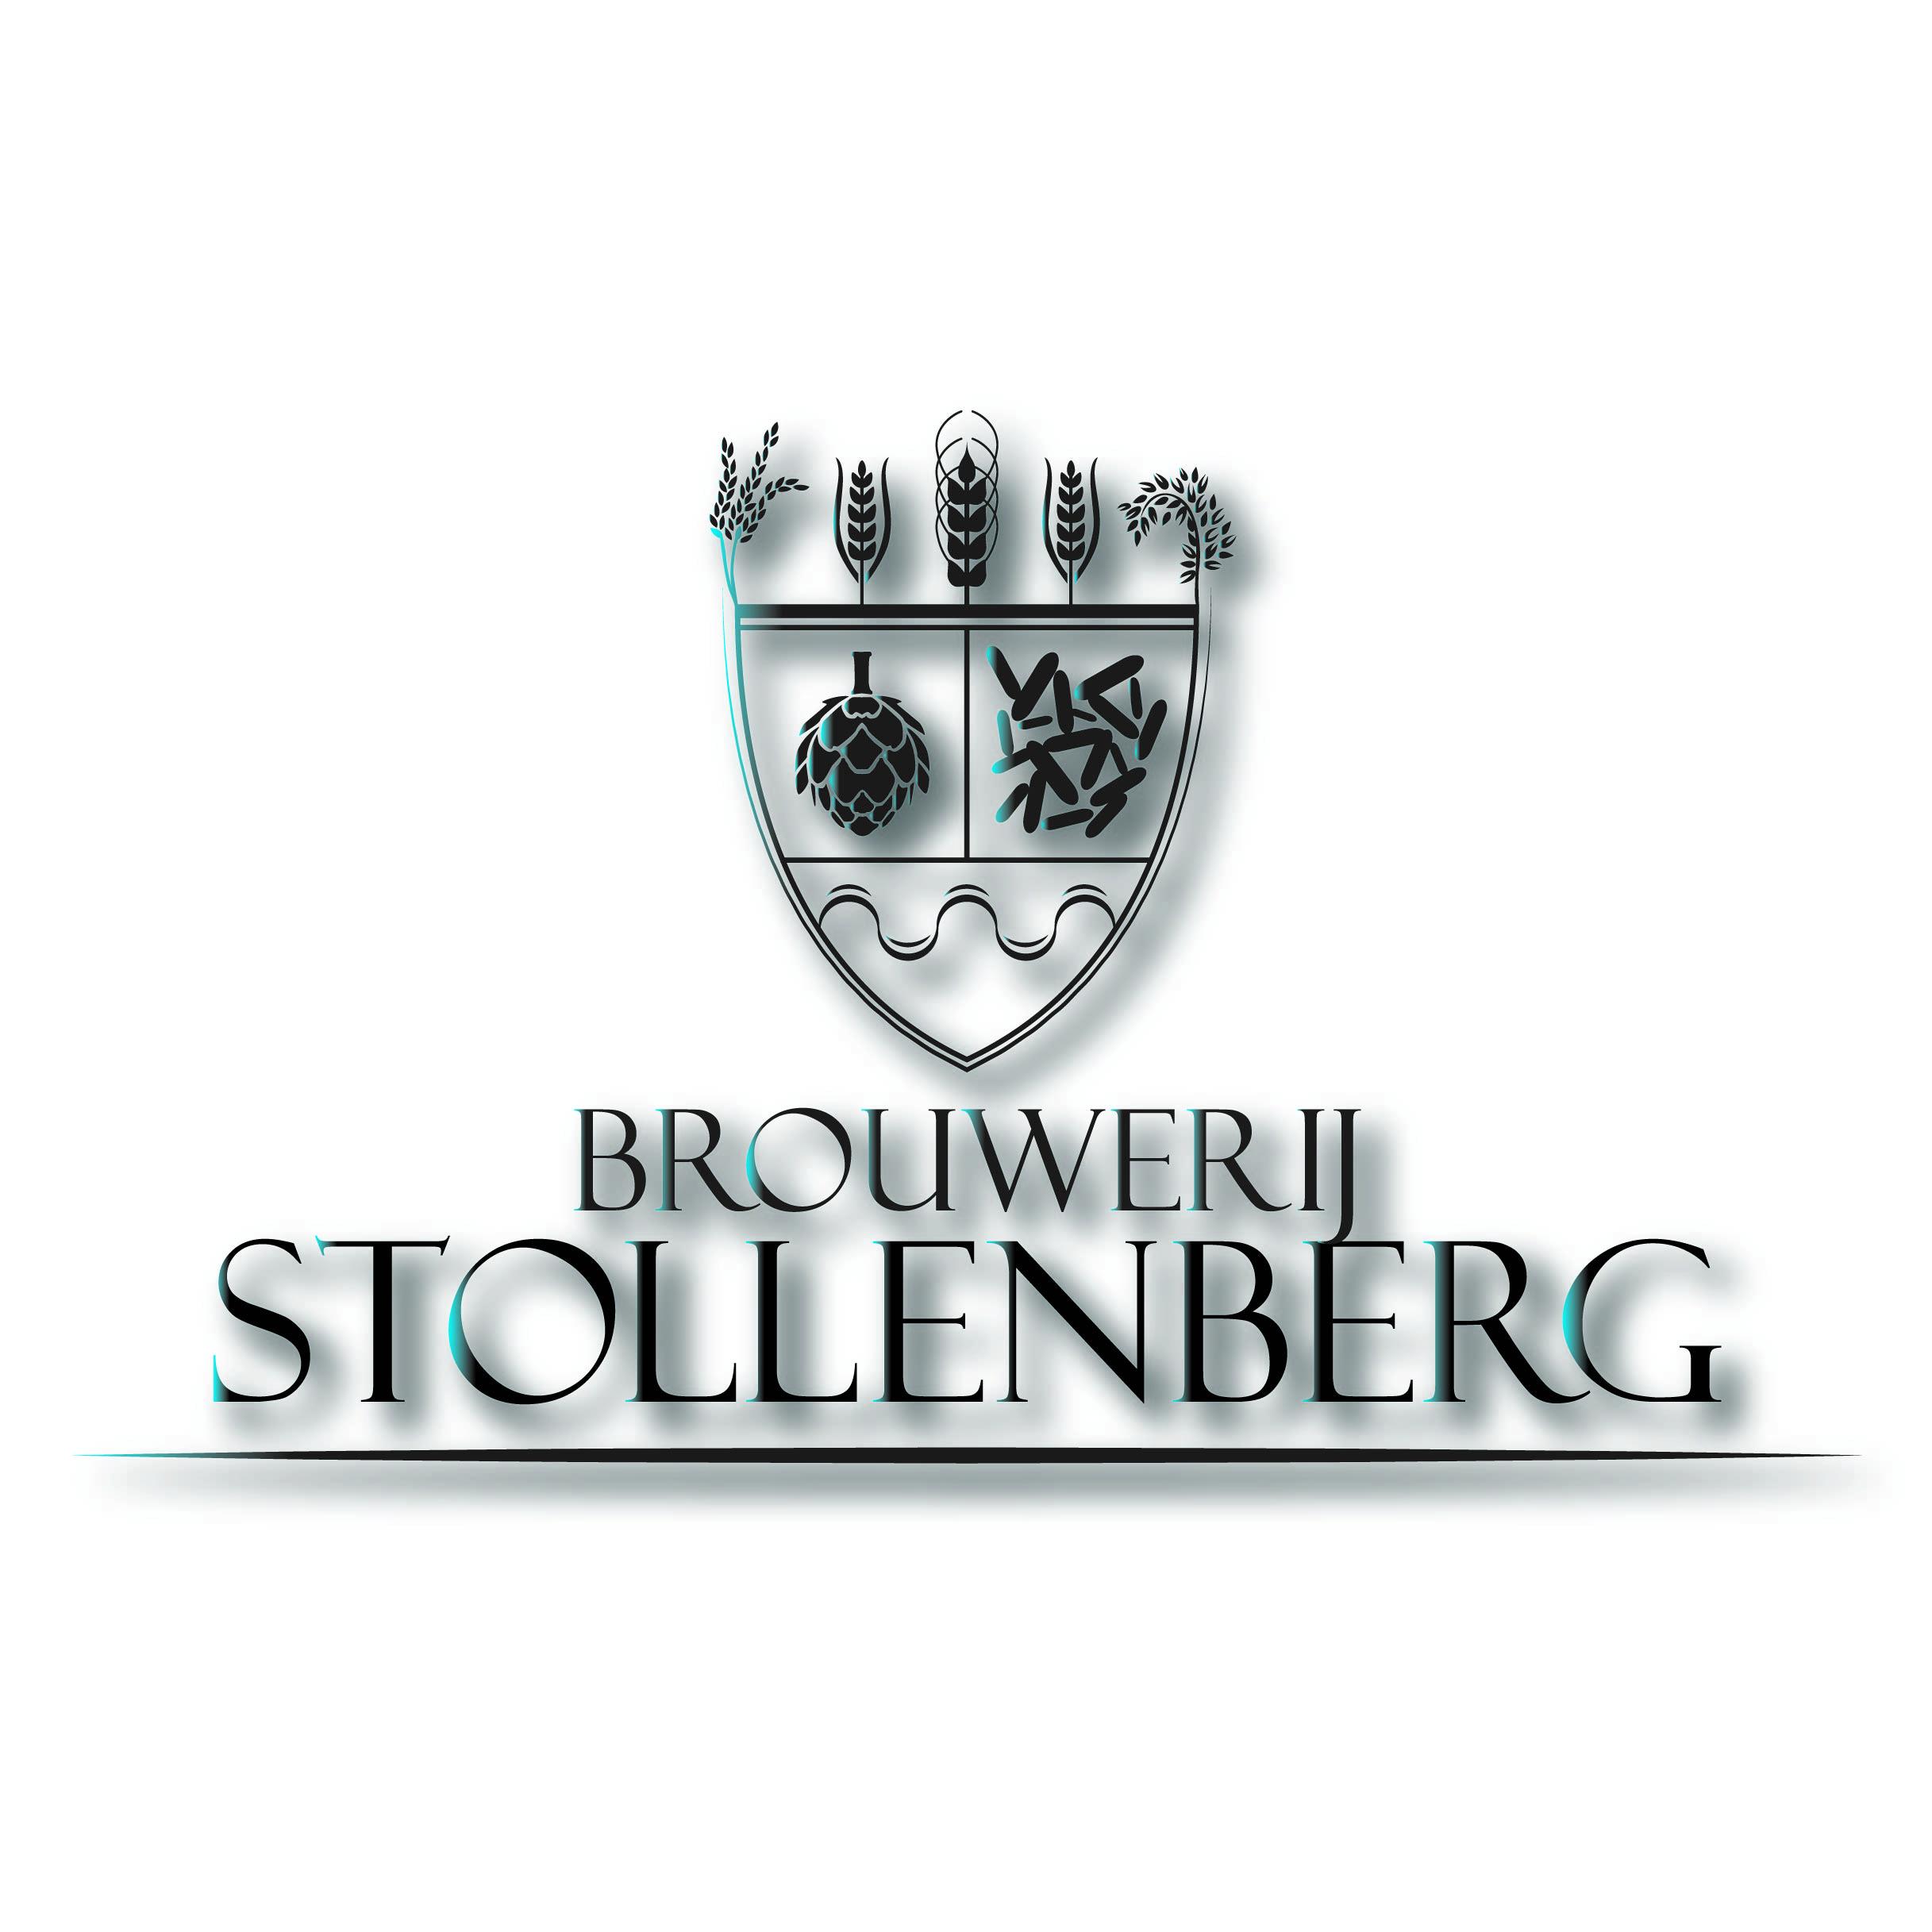 2019 09 11 Logo Stollenberg VIERKANT v1.0-01 (003)